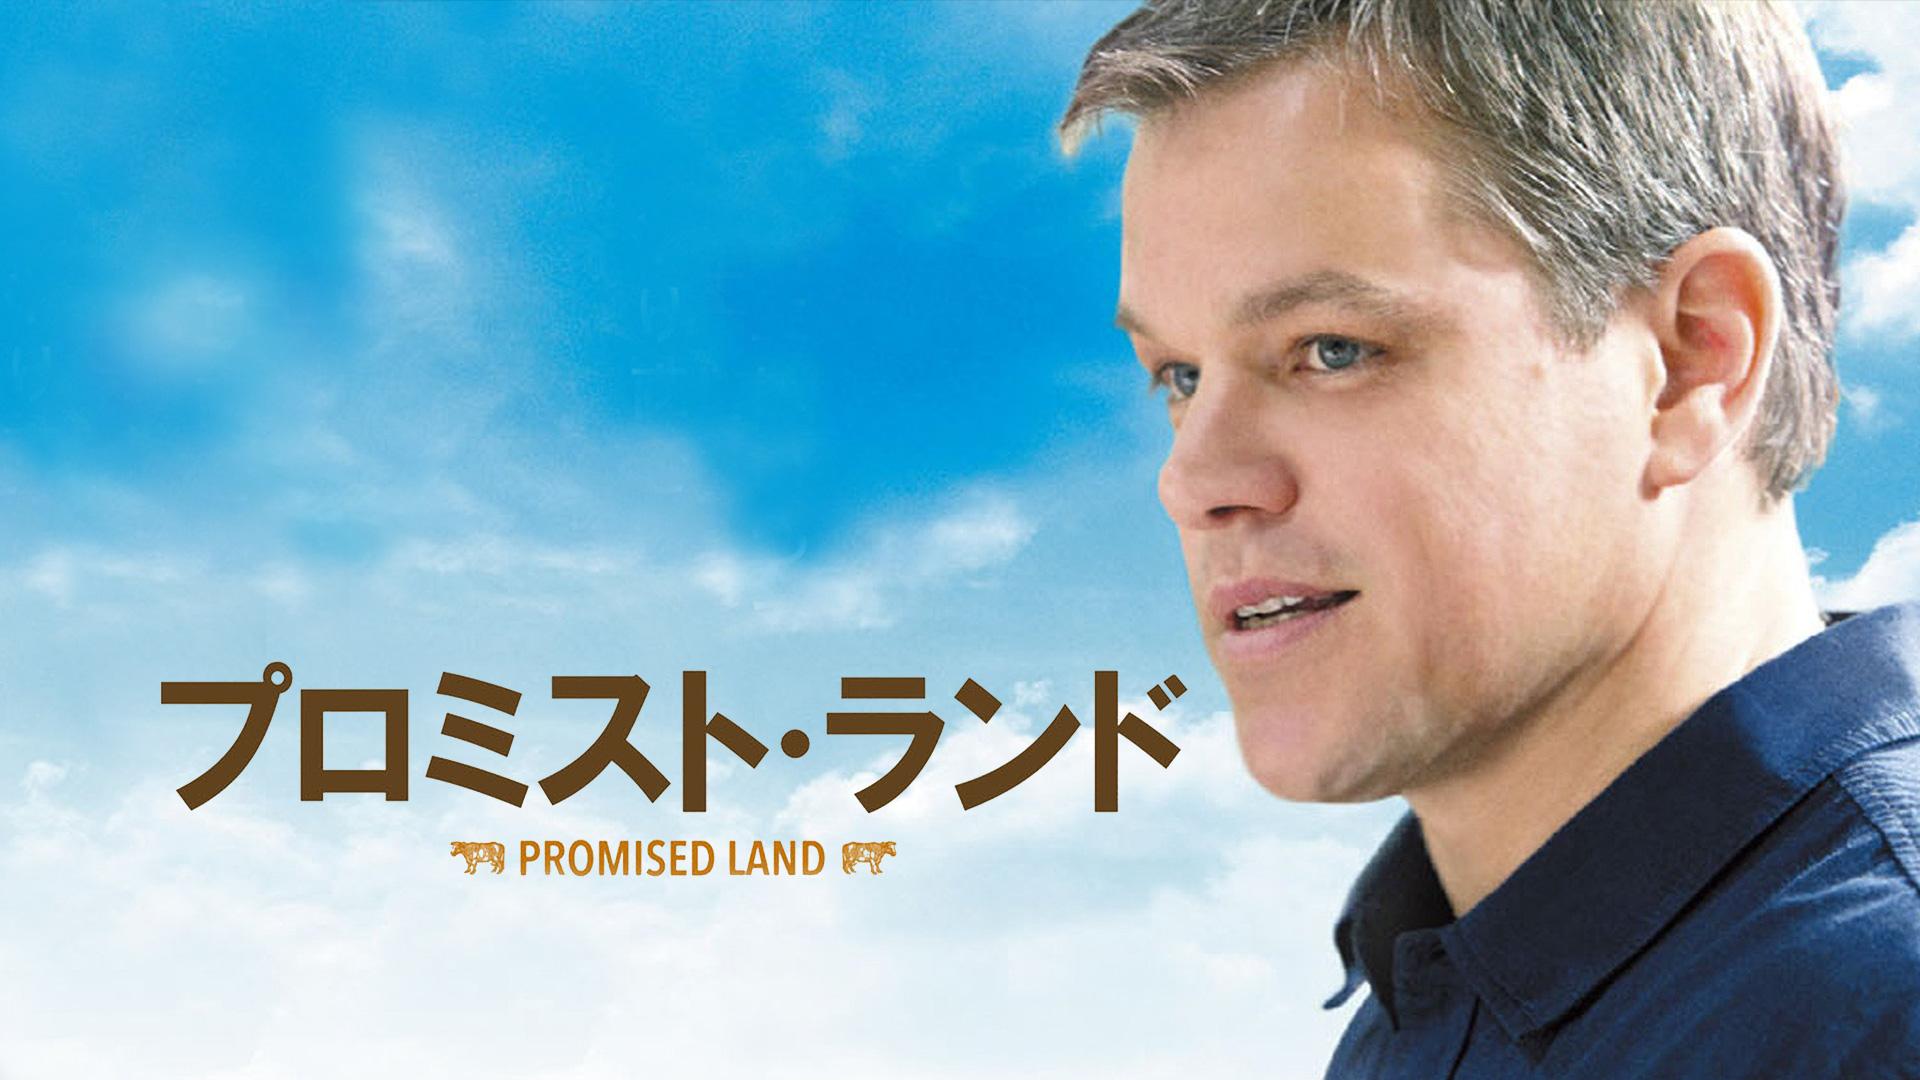 プロミスト・ランド(字幕版)